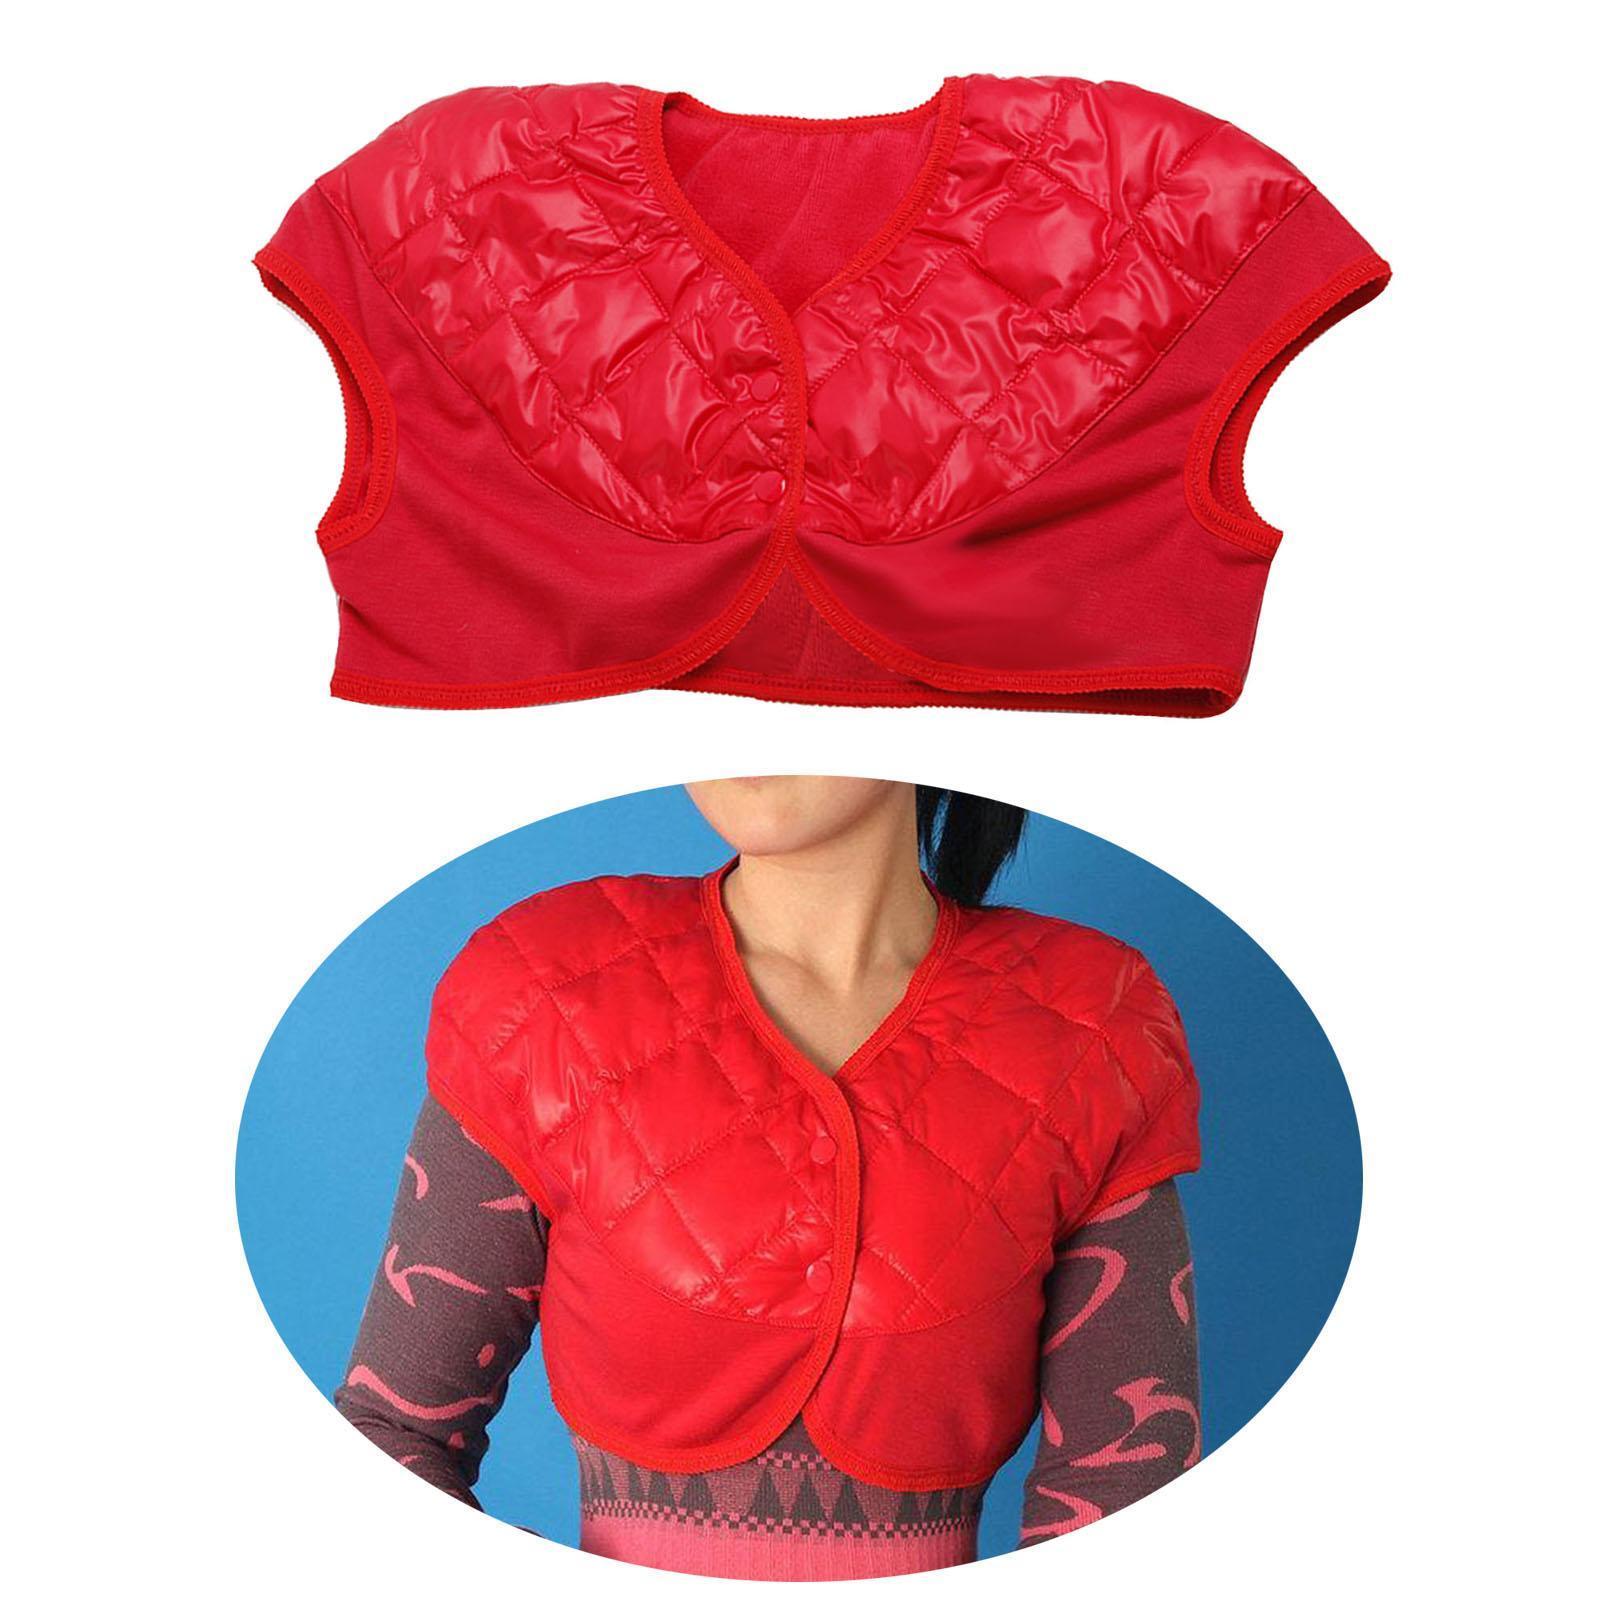 Femmes-Hommes-Down-Jacket-Chaud-Manteau-Court-Epaule-Chaud-Thermique-Wrap miniatura 80